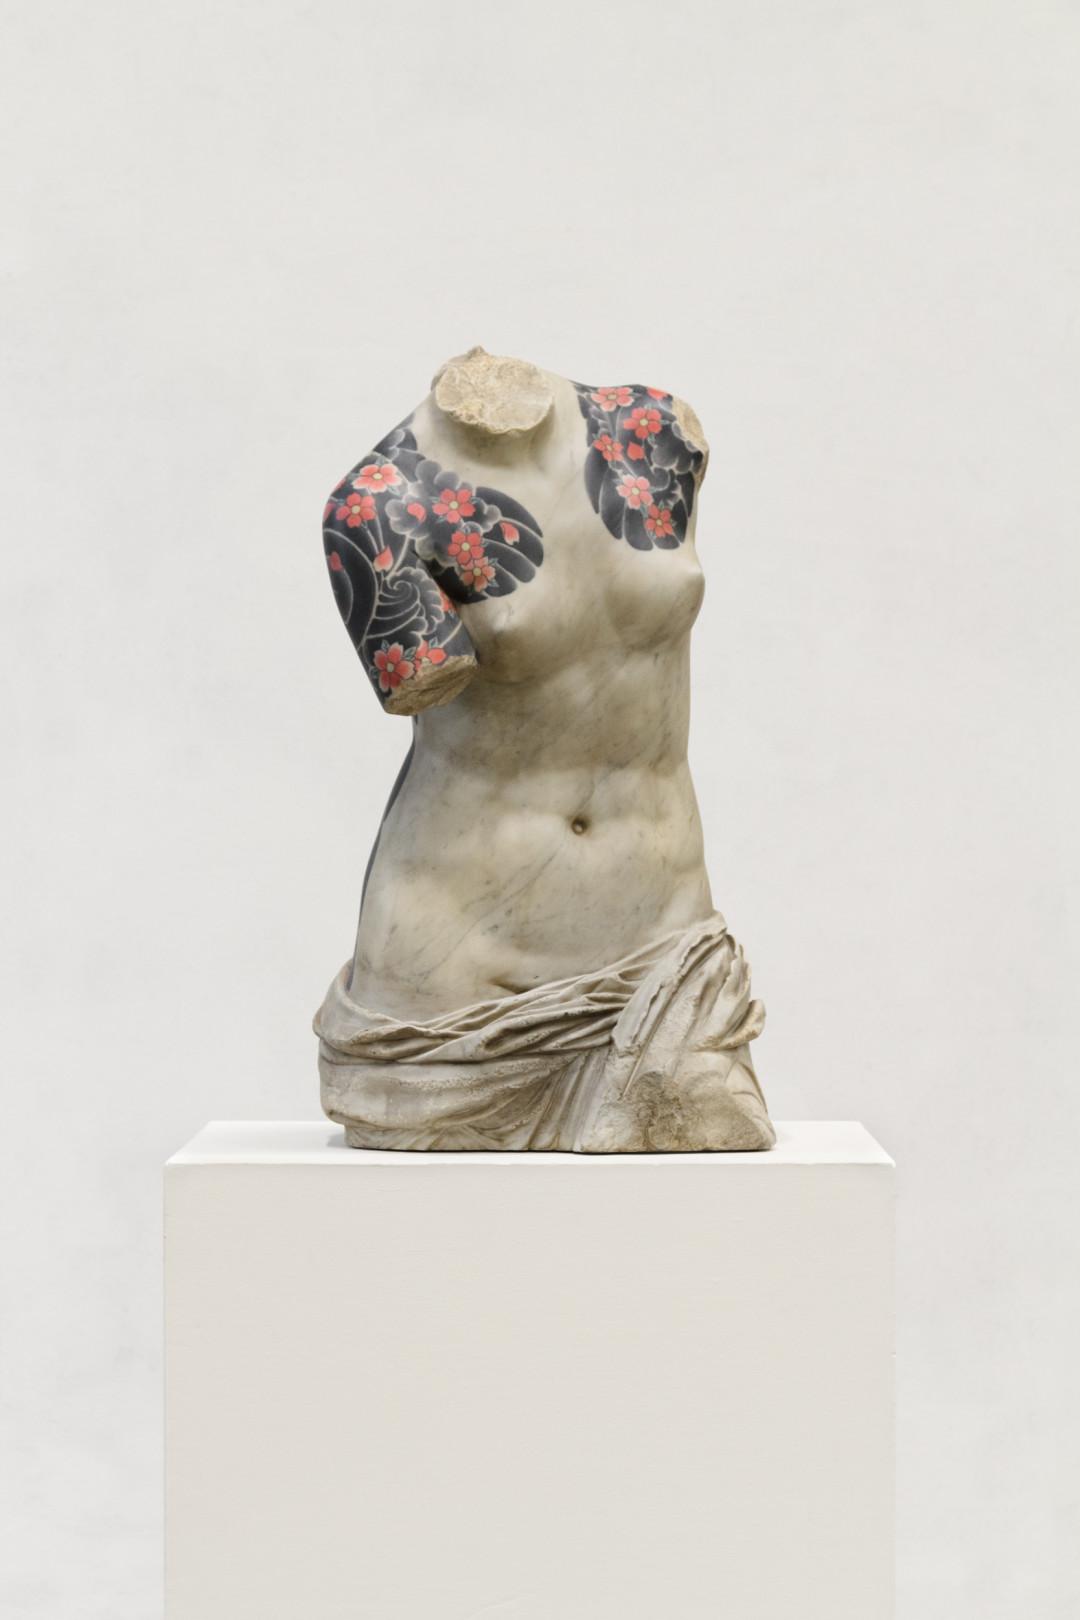 venus-2016-marmo-bianco-e-pigmenti-cm-79x43x36-8676